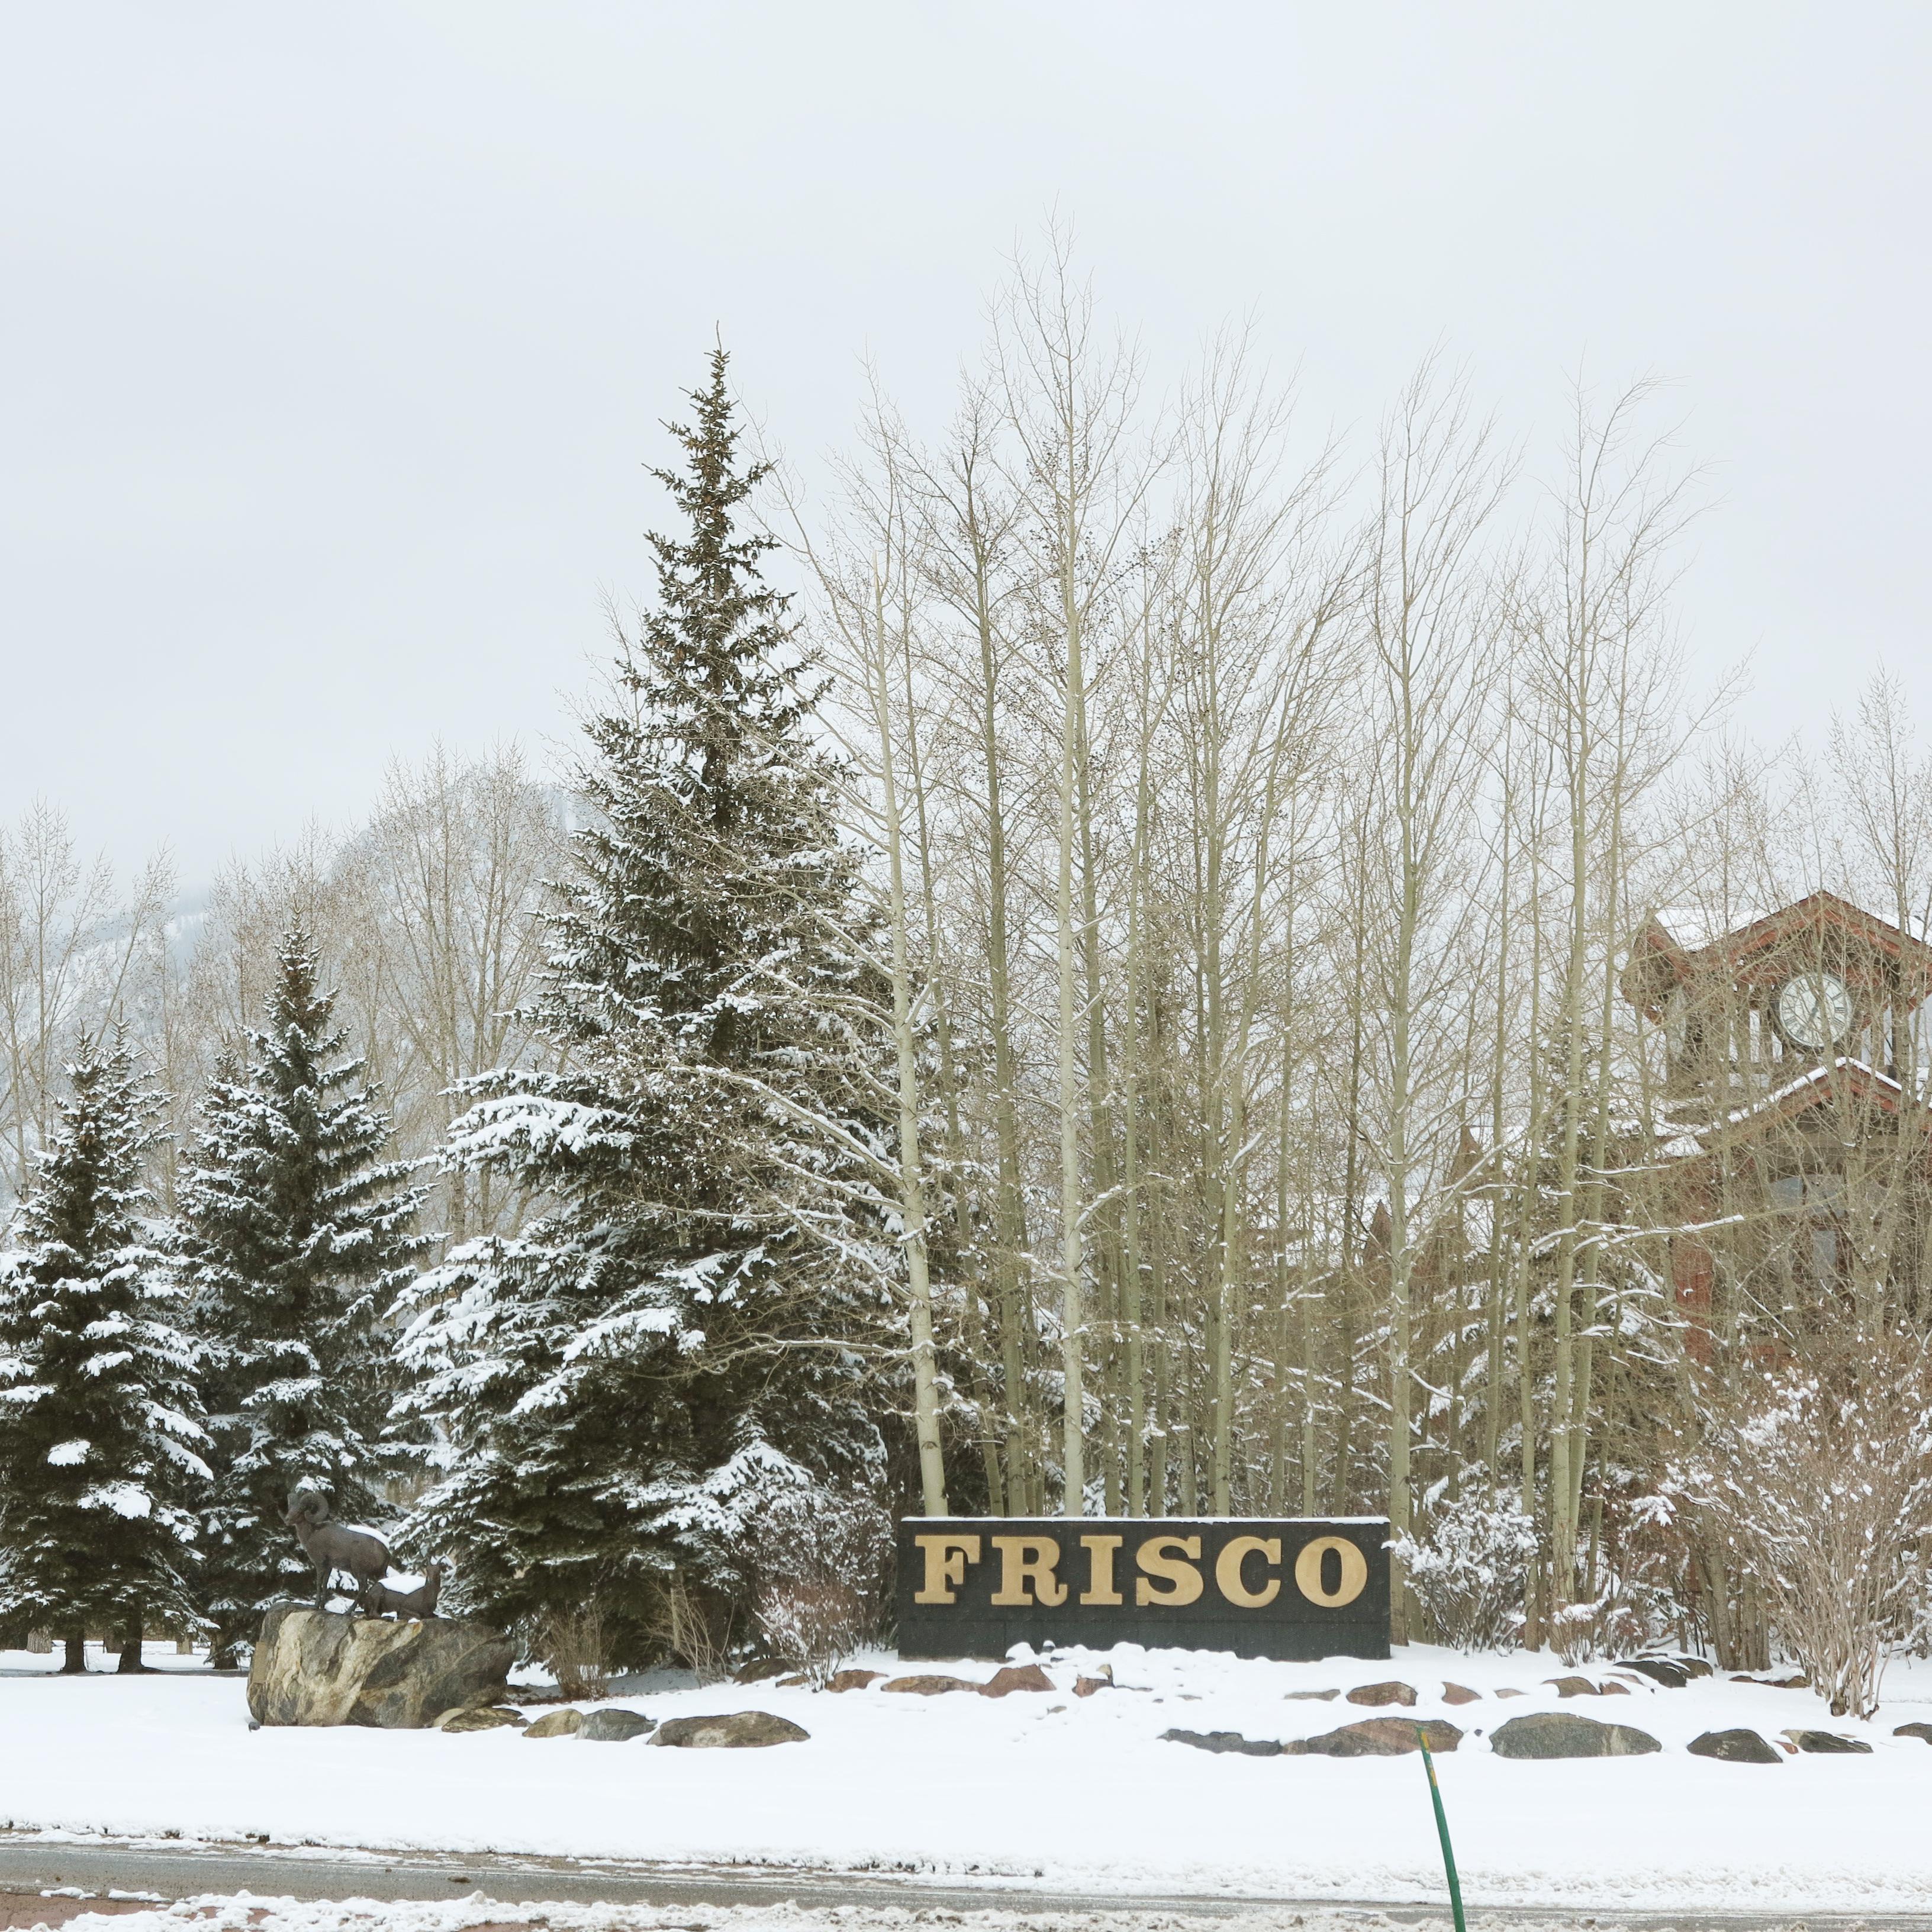 Frisco-sign